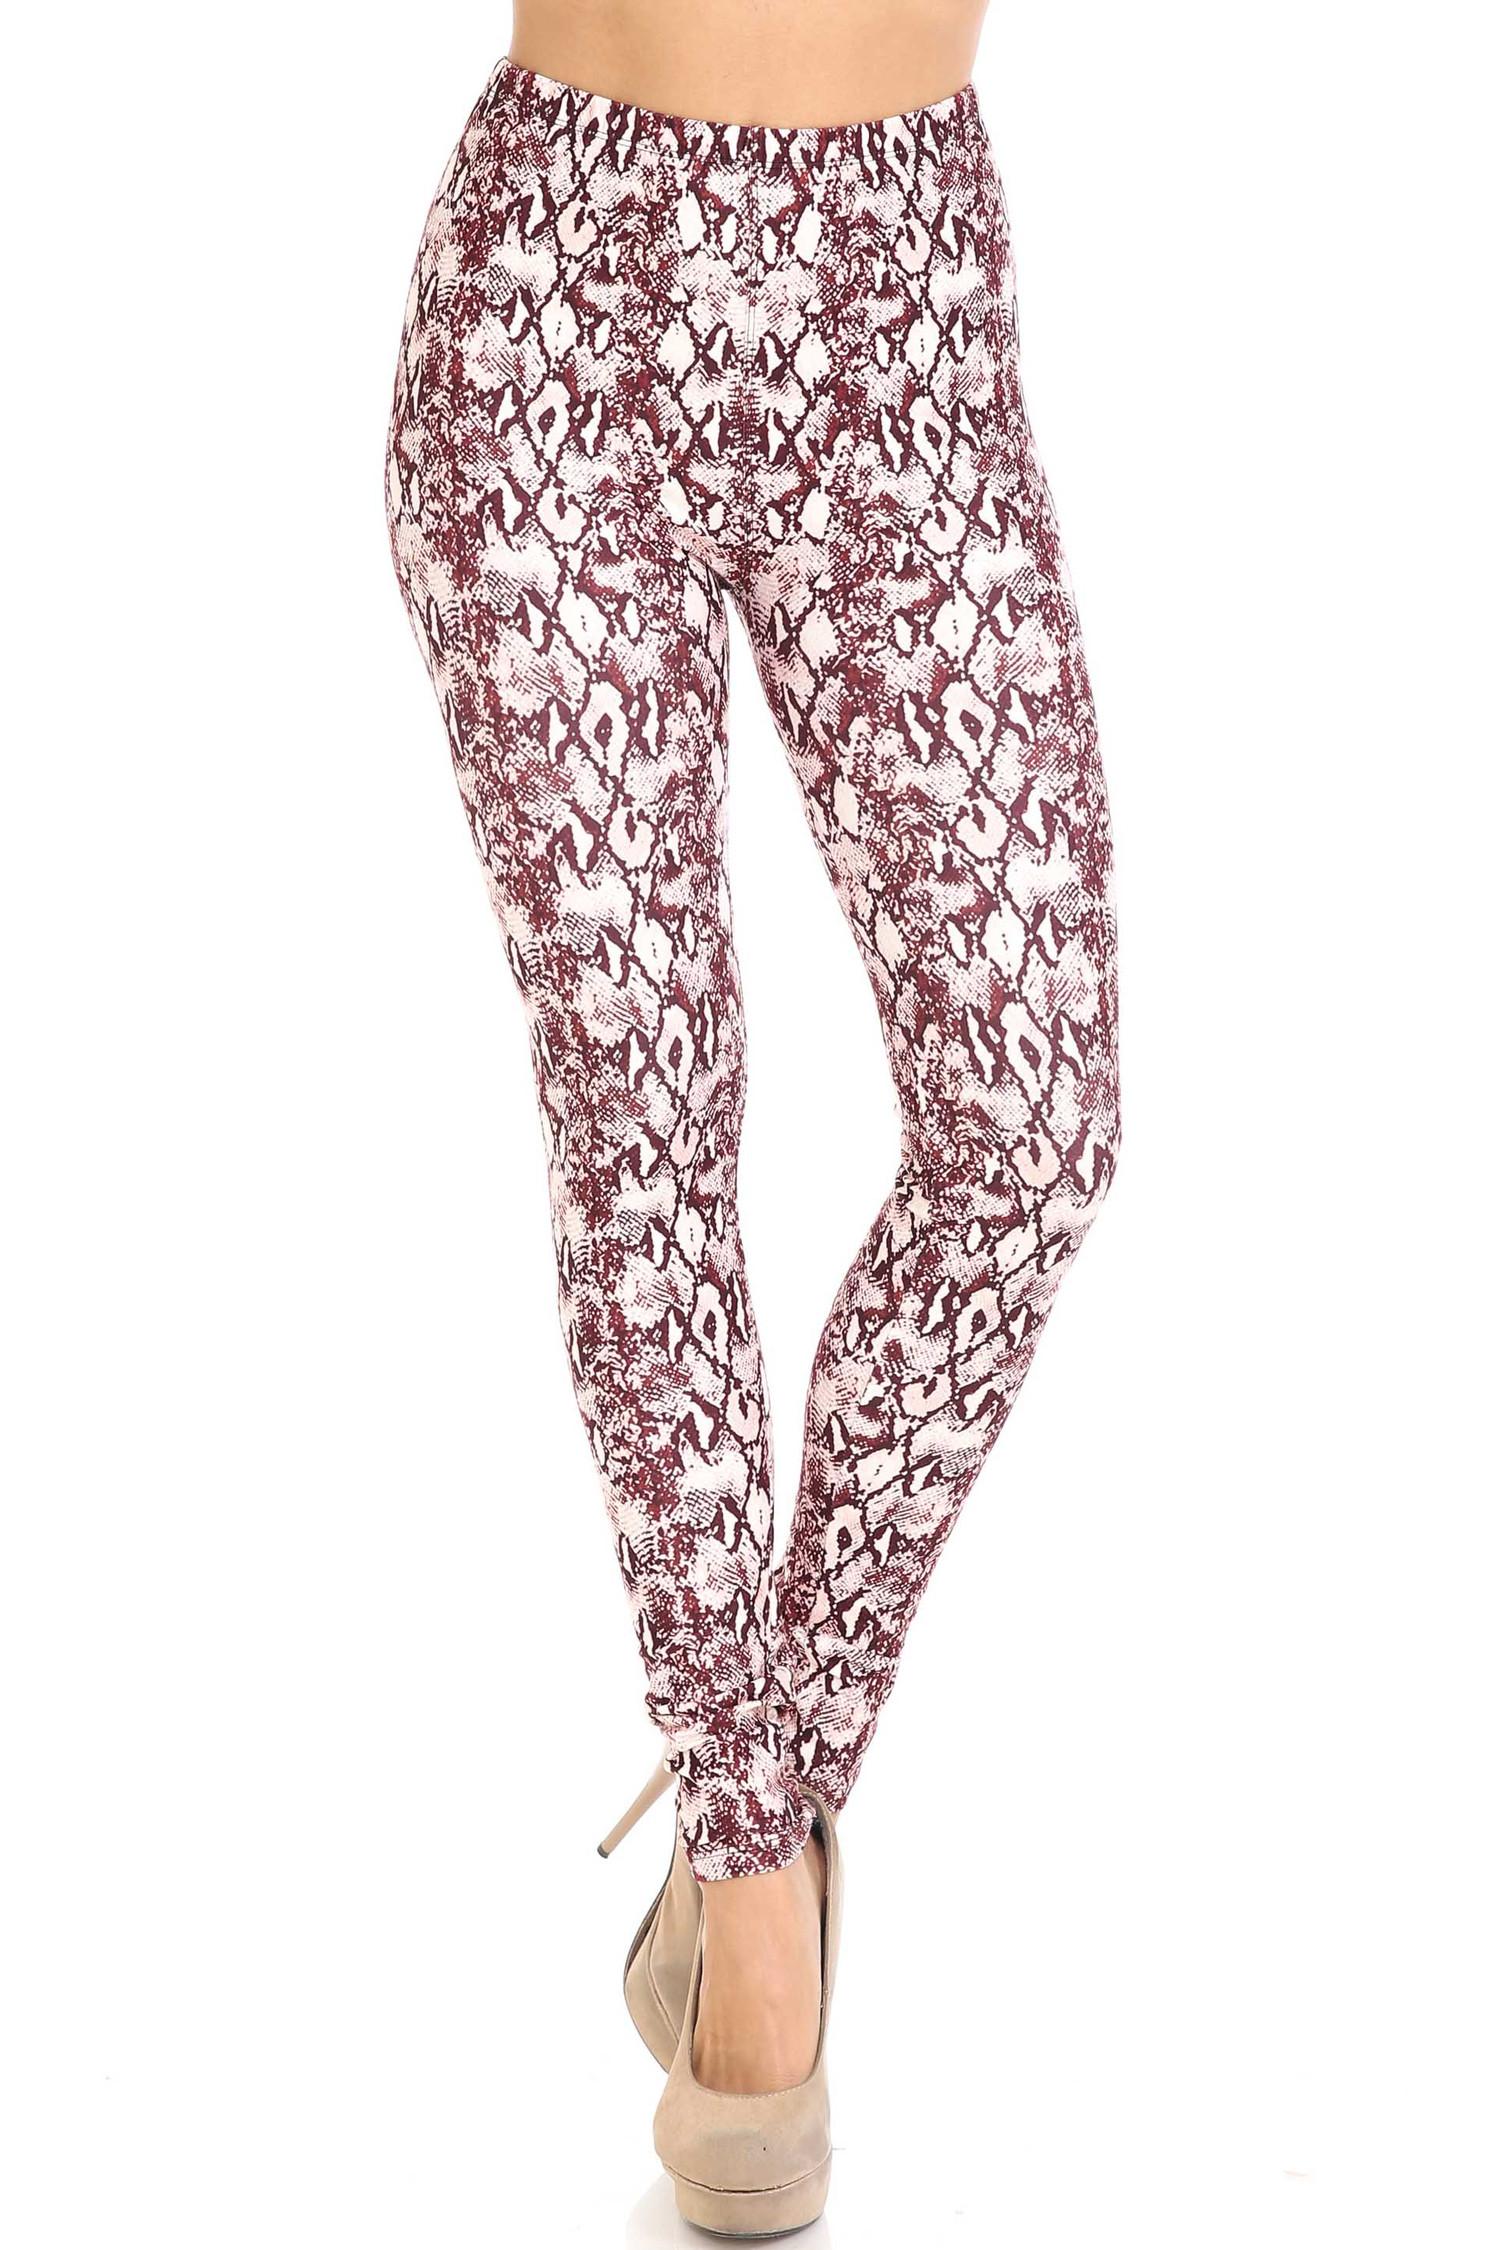 Creamy Soft Crimson Snakeskin Extra Plus Size Leggings - 3X-5X - USA Fashion™